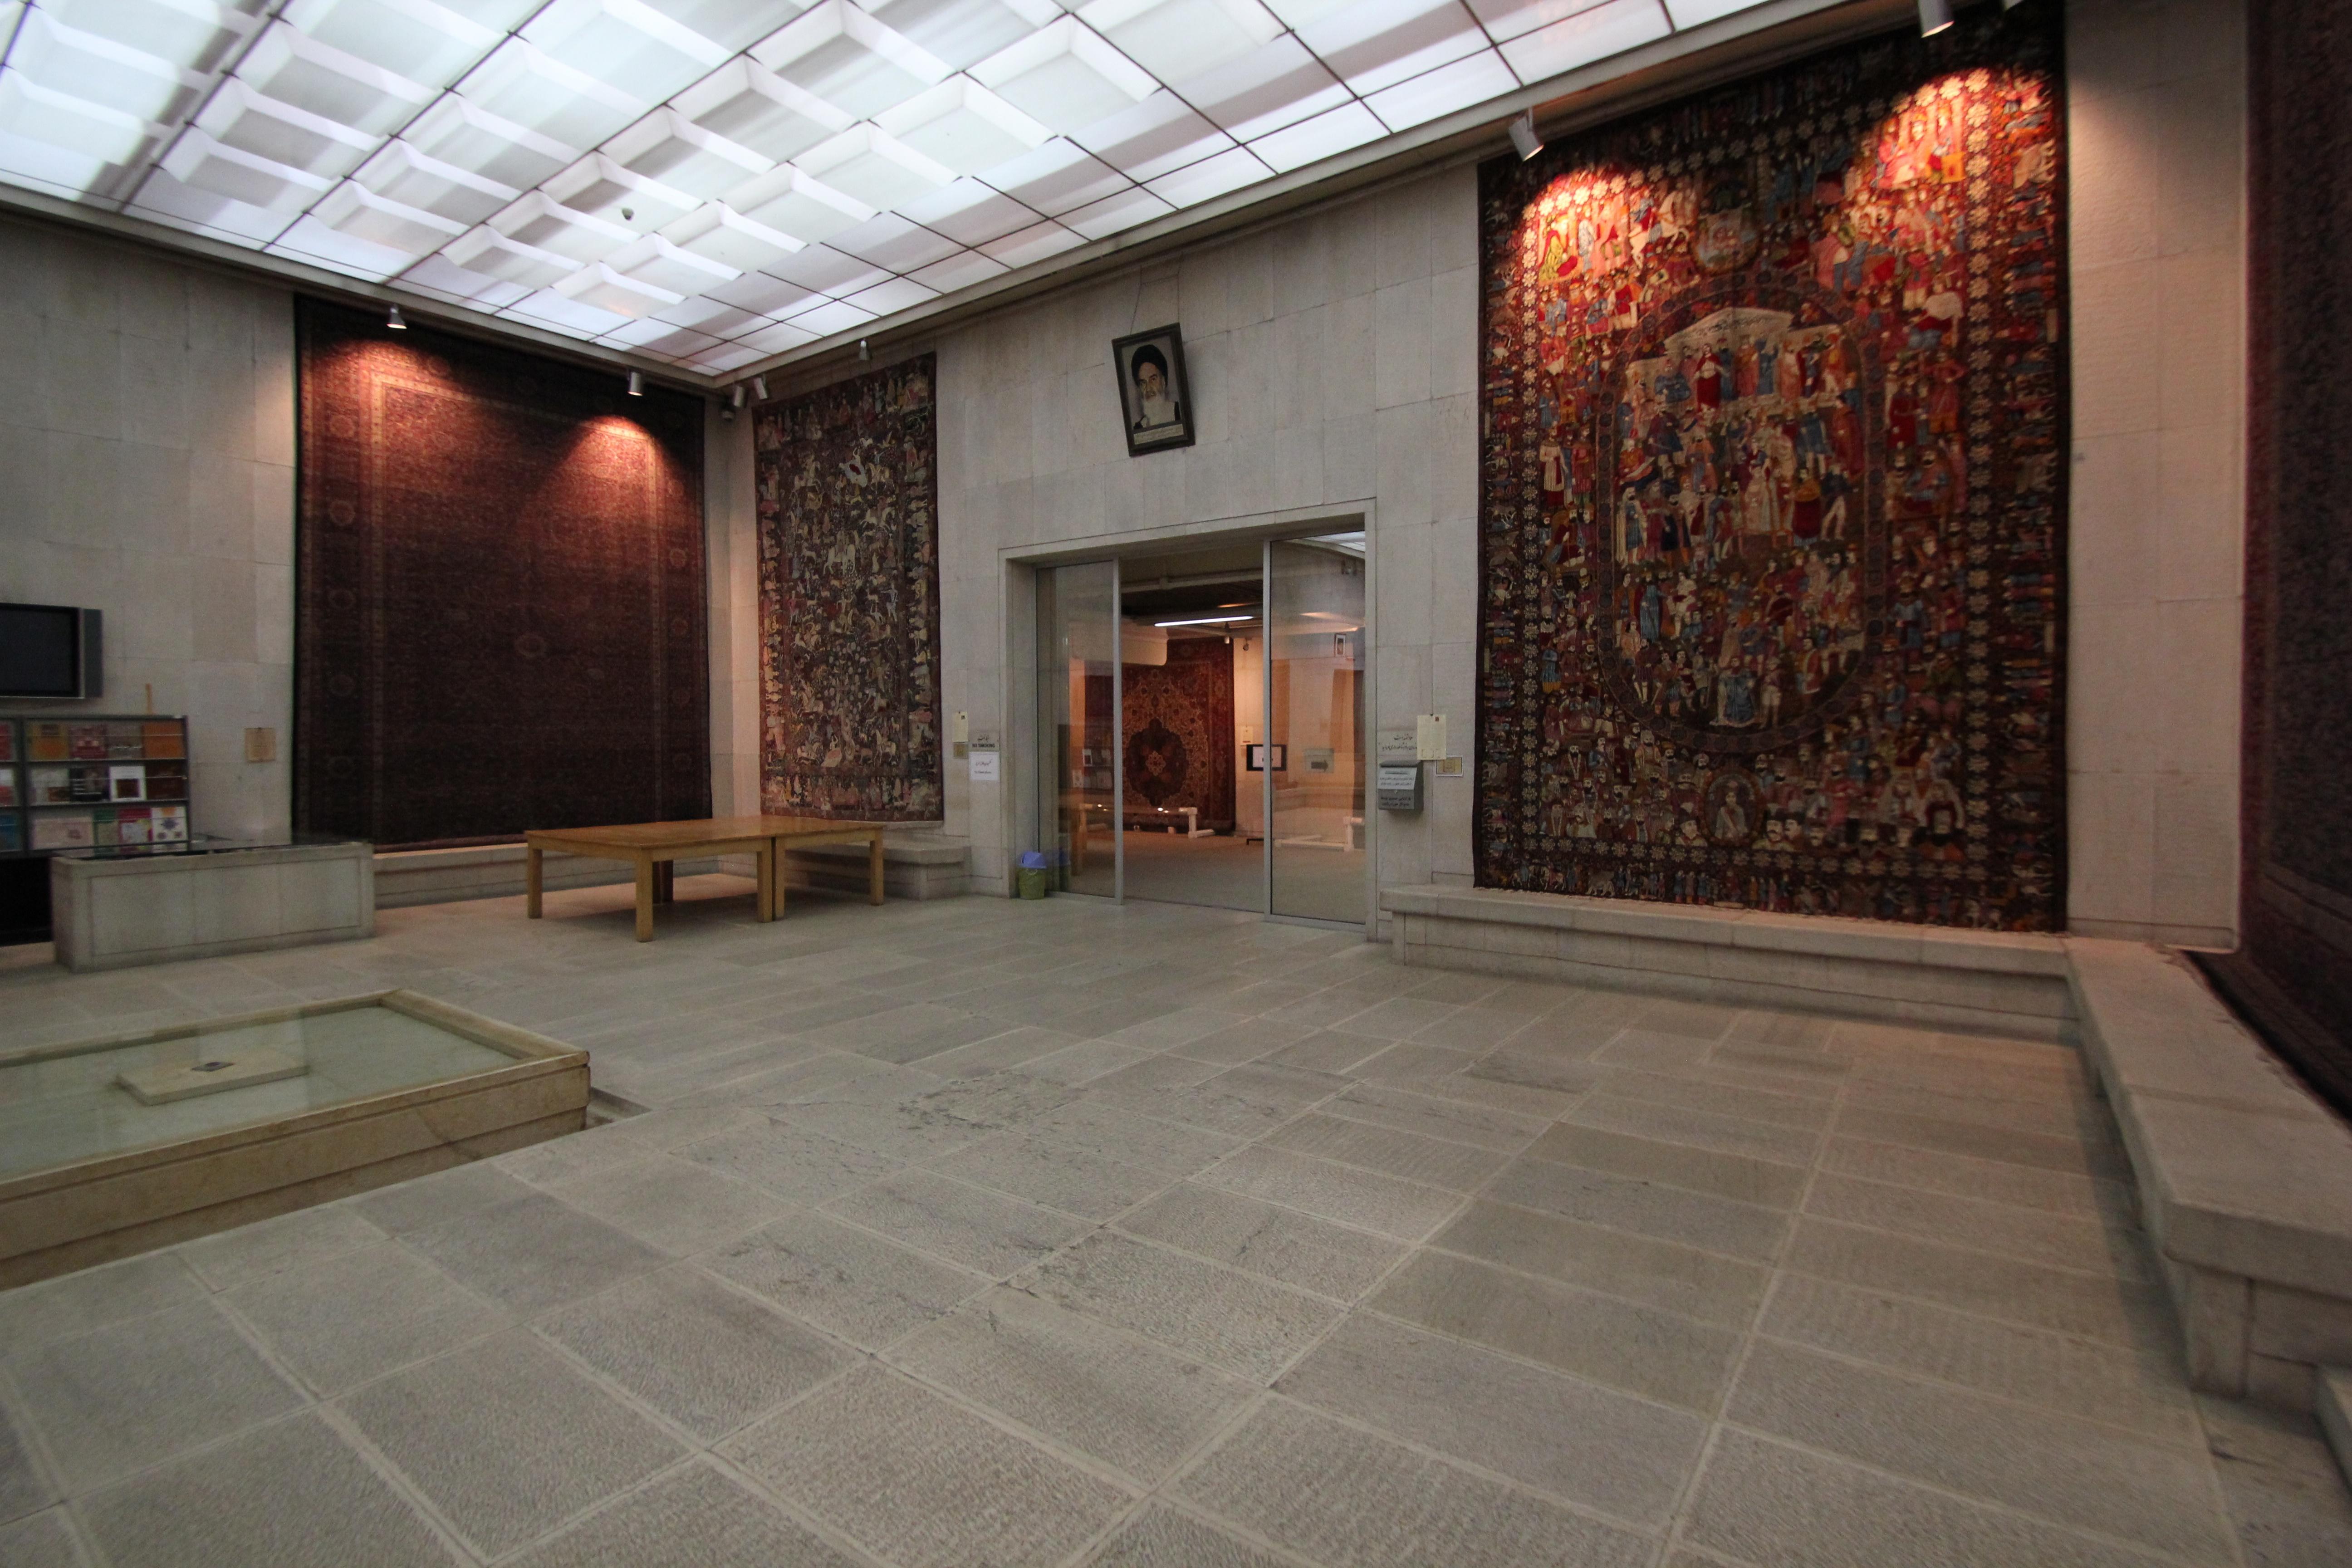 File:2011 Carpet Museum of Iran Tehran 6223587791.jpg